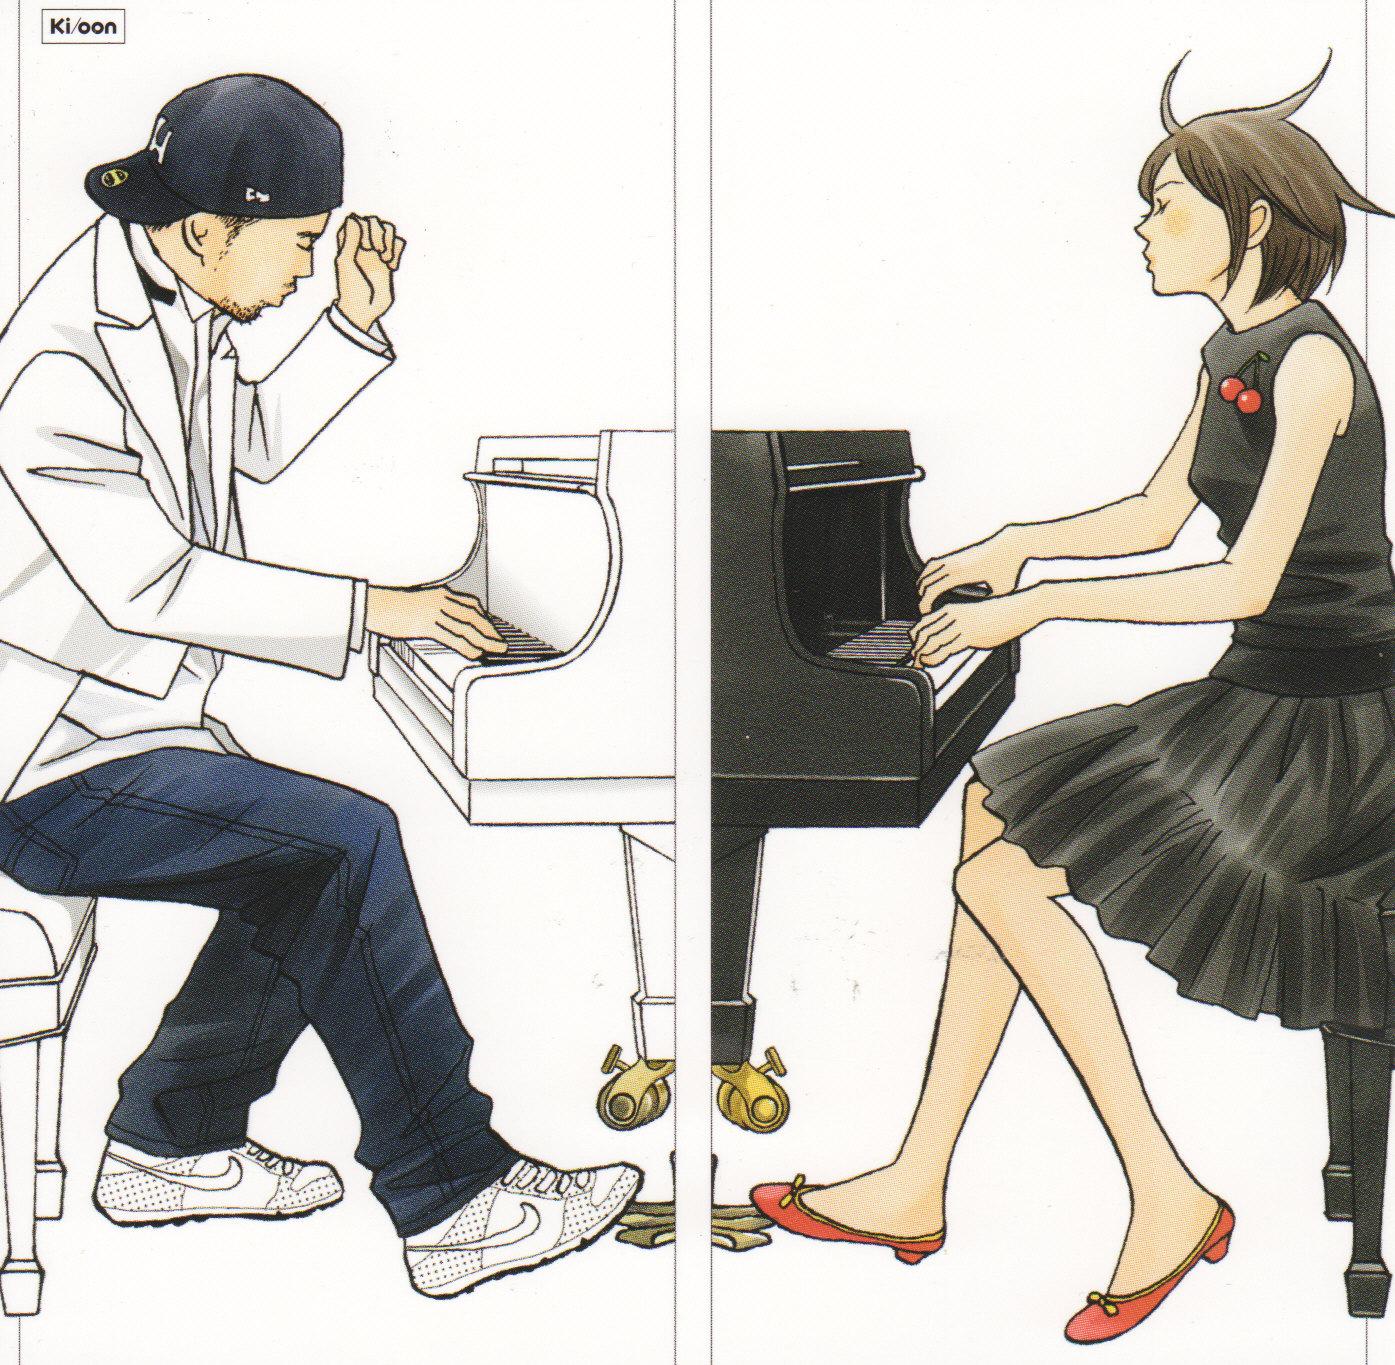 Nodame Cantabile - Ninomiya Tomoko